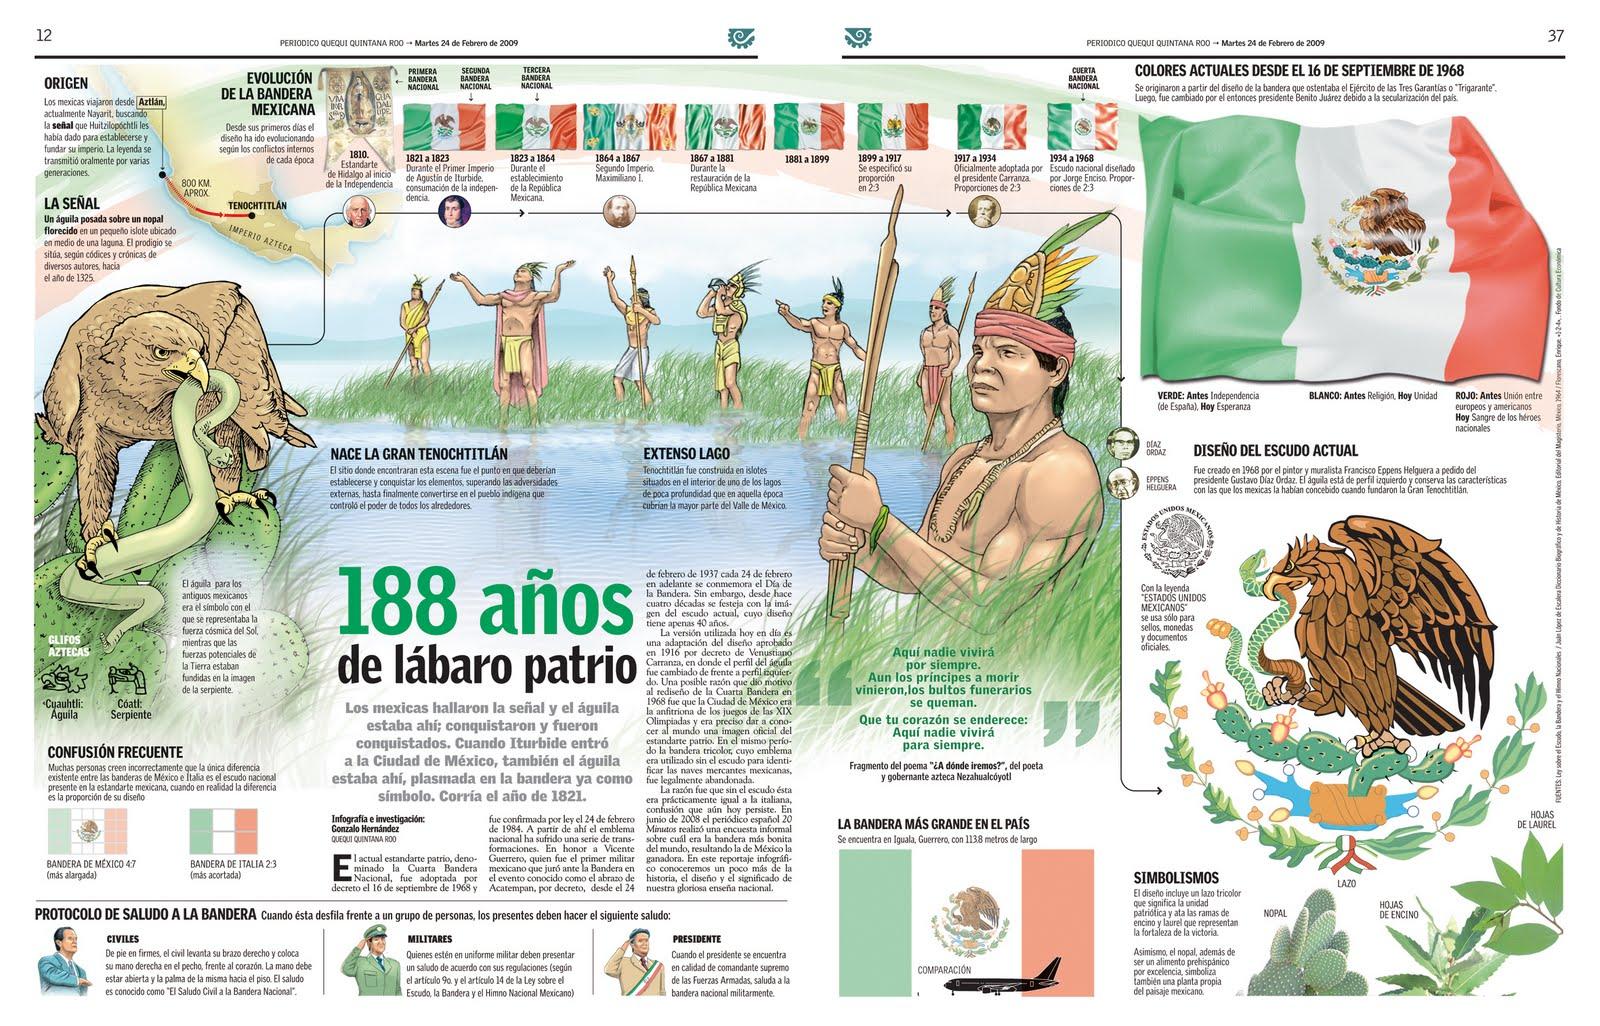 Día de la bandera mexico - Imagenes Educativas